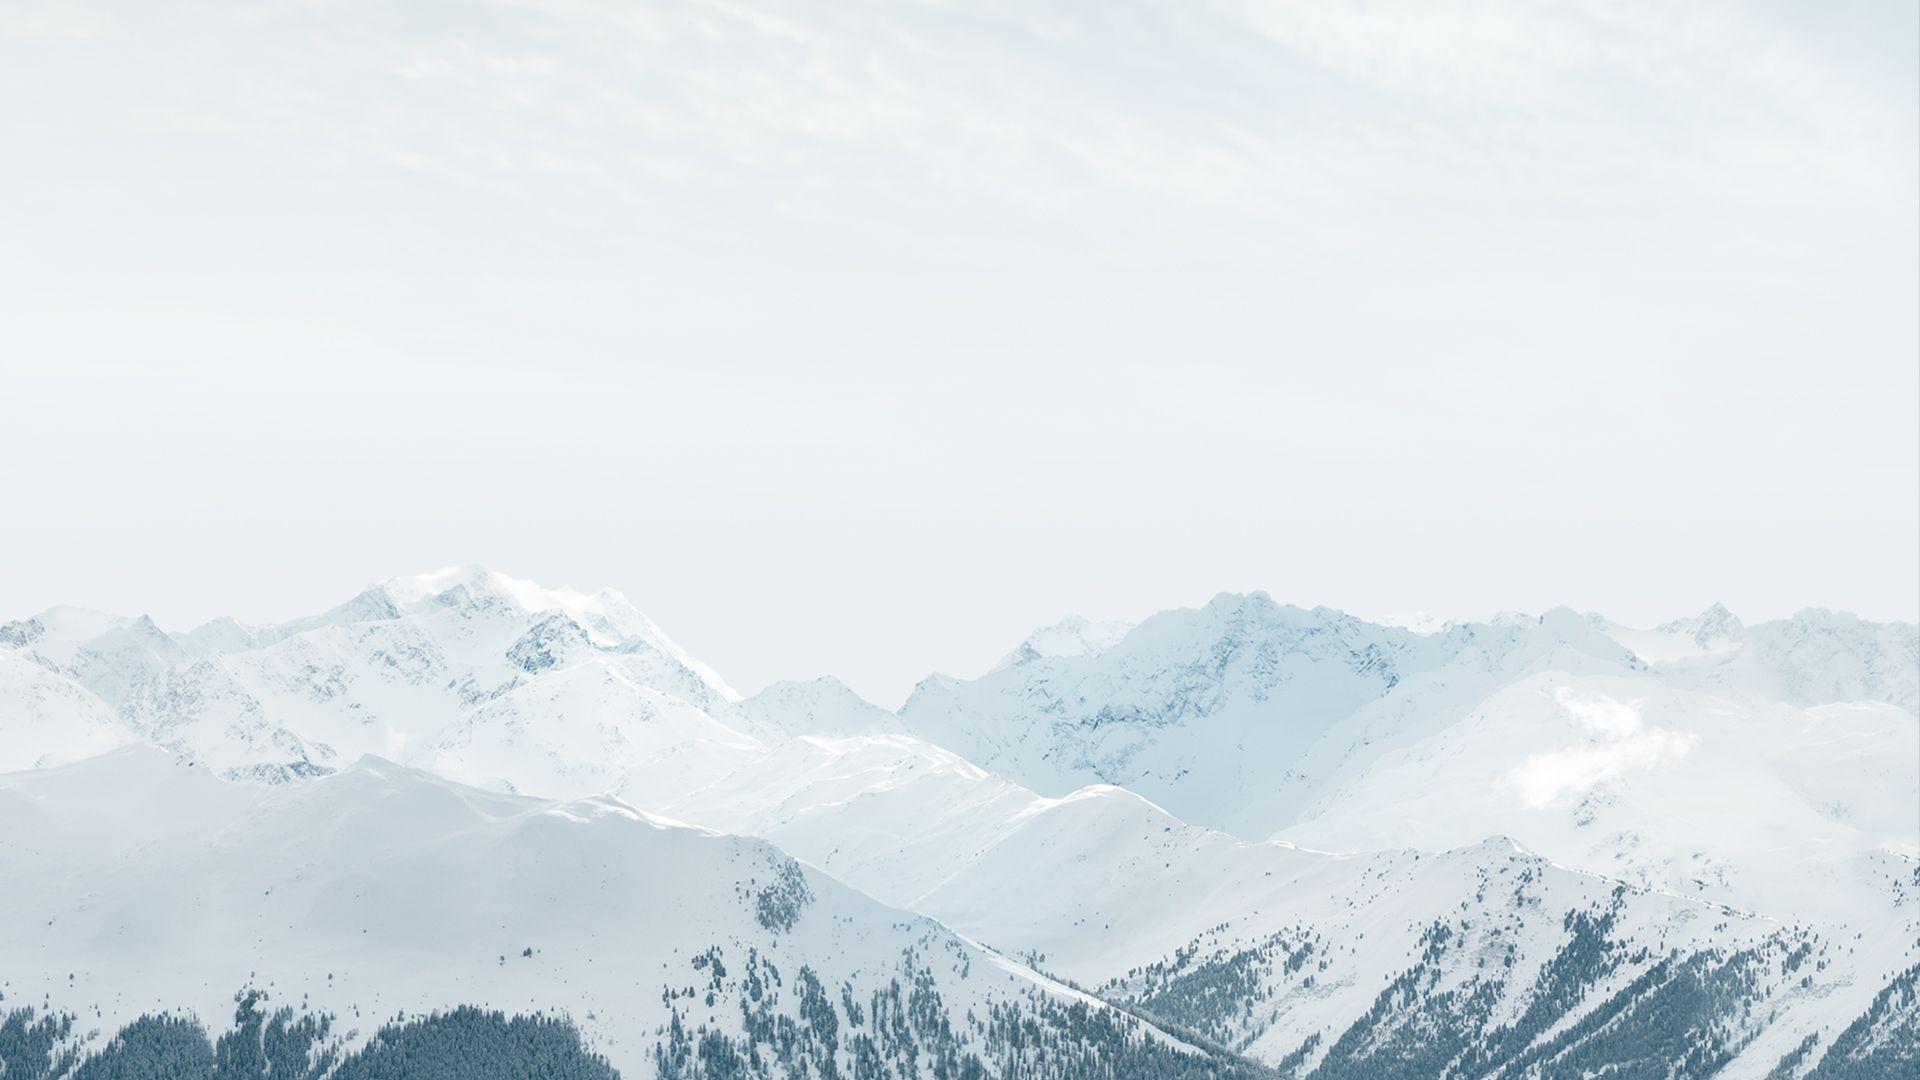 Ios Desktop Wallpapers Top Free Ios Desktop Backgrounds